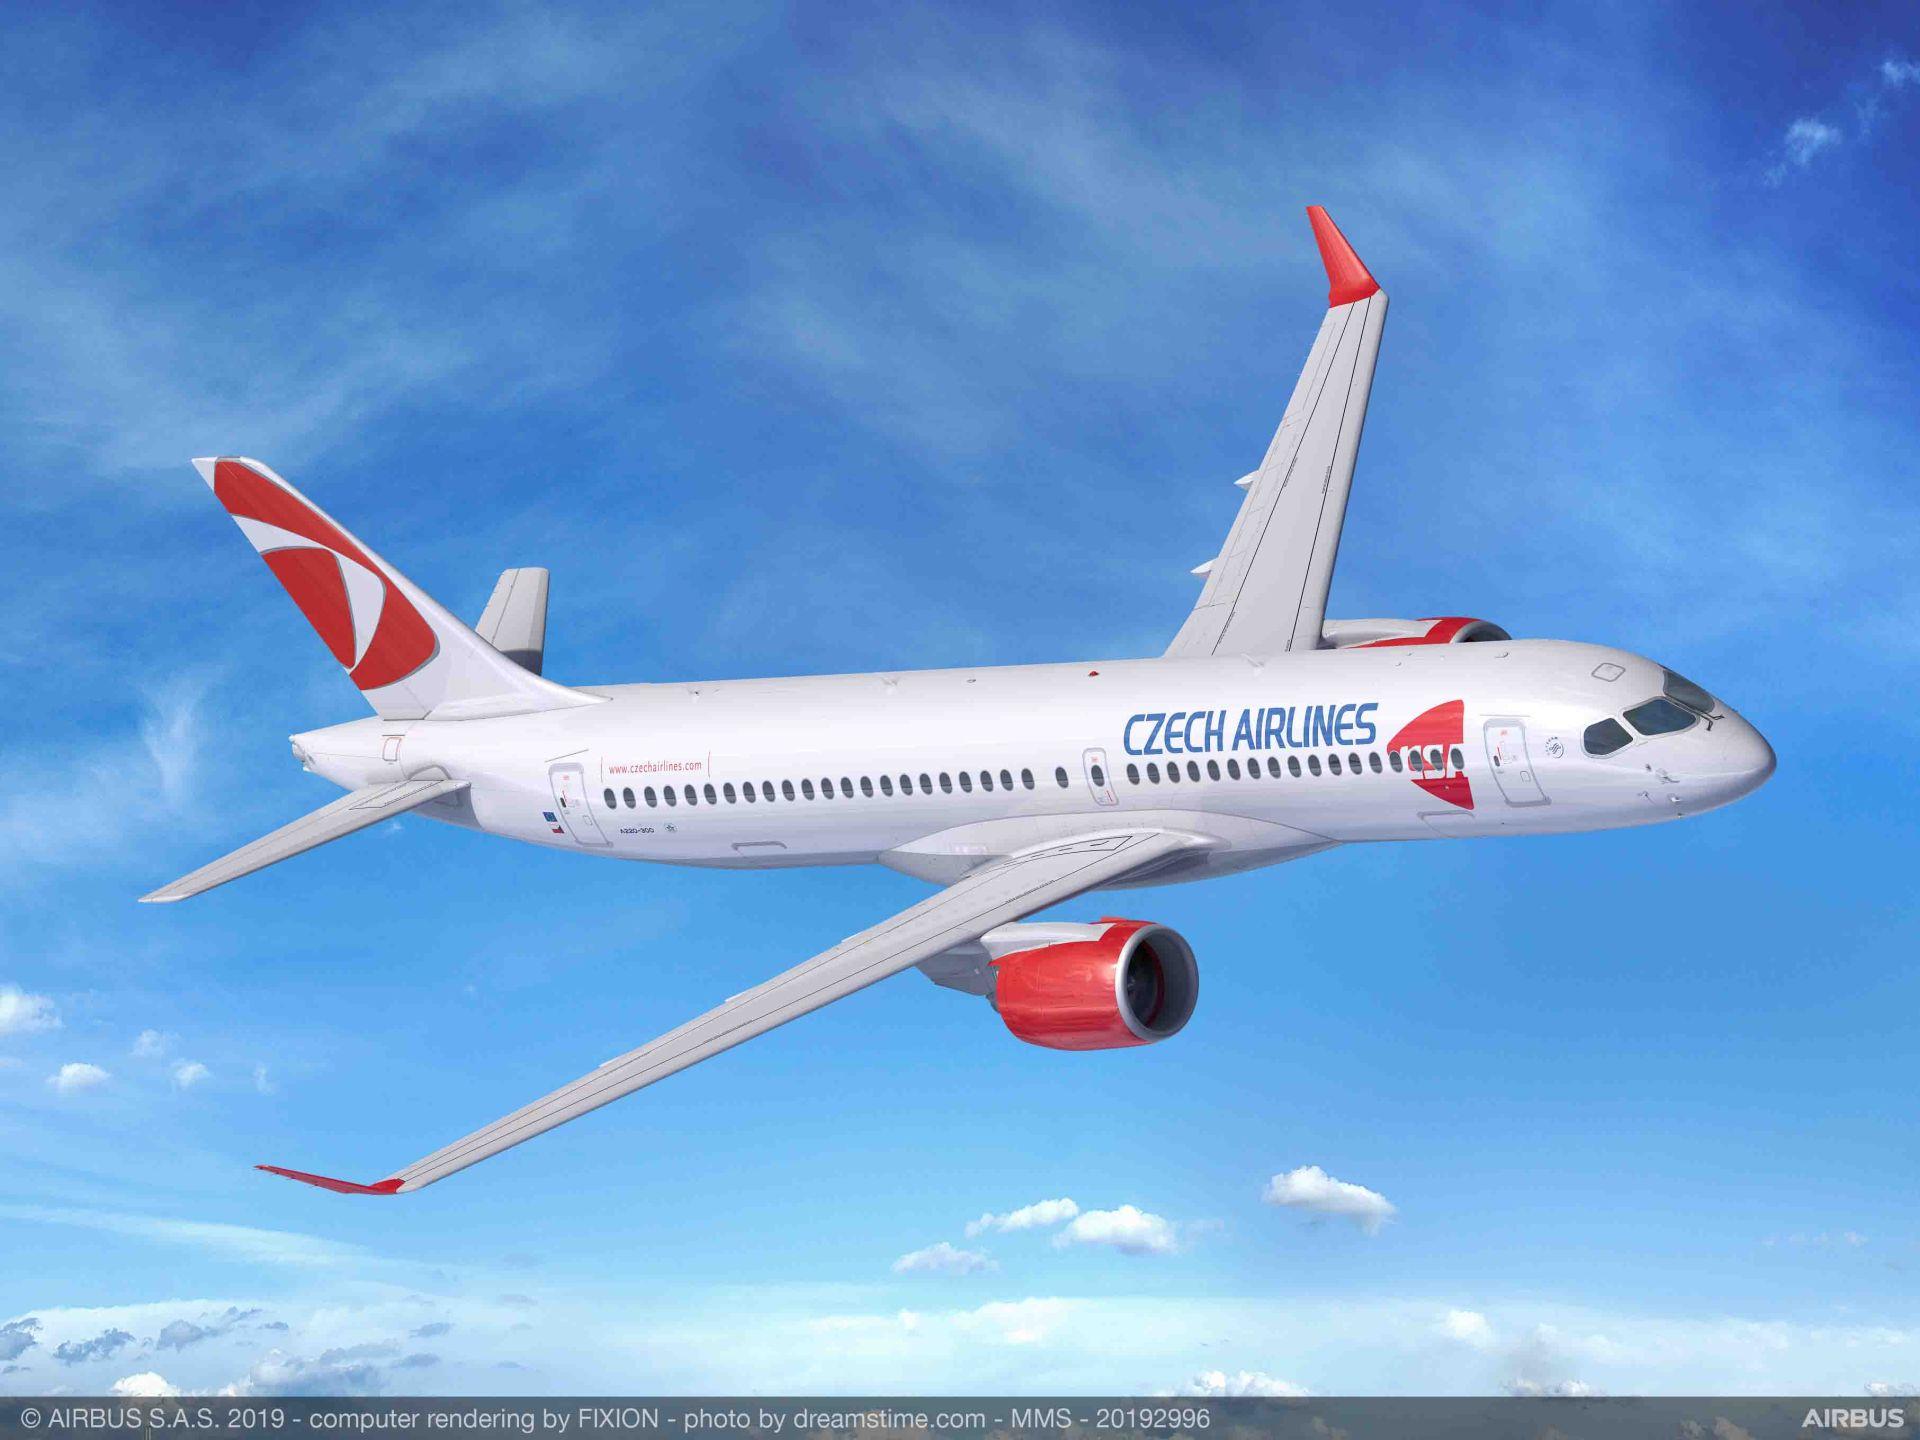 A220-300 v barvách Českých aerolinií. Foto: Airbus